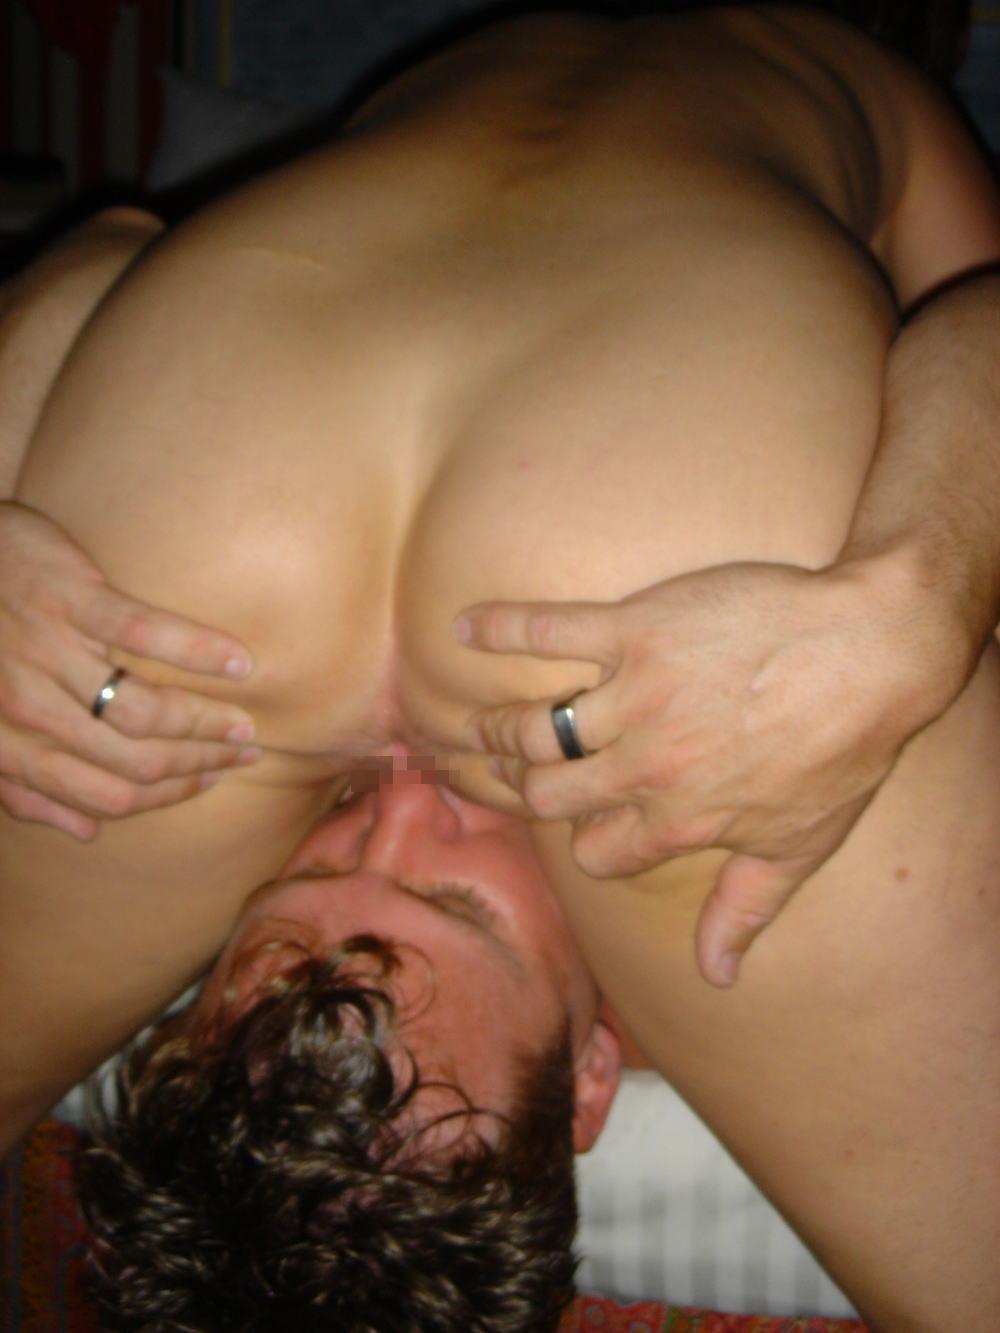 【顔面騎乗位】『Oh~YES!!YES!!』自分んオマンコクリトリス男の顔騎でこすって絶頂しちゃう外国人ポルノエロ画像wwwwwww 34 1